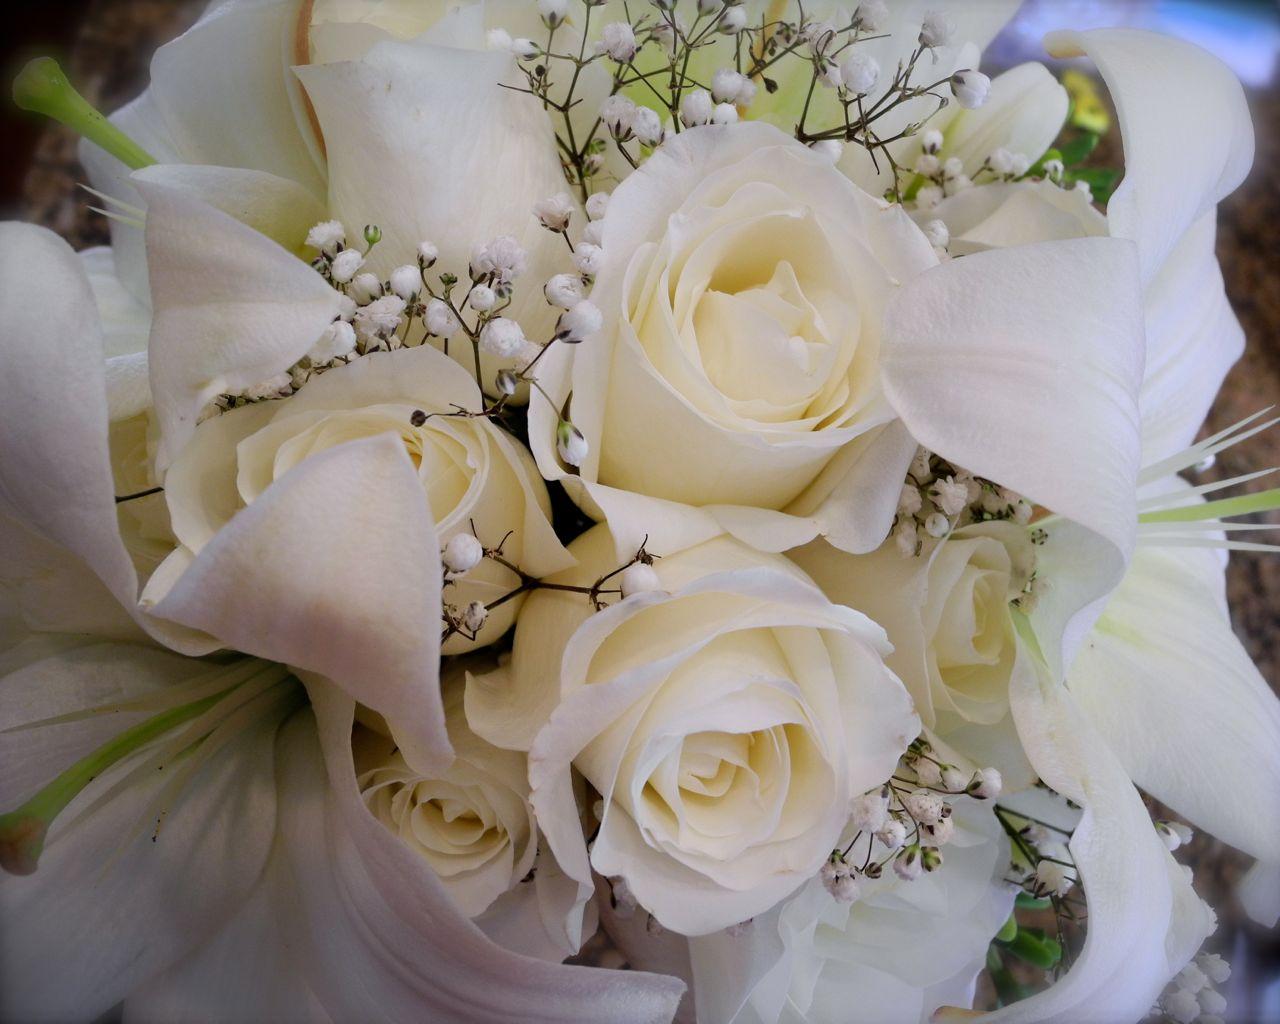 بالصور مسكات عروس , مجموعه جميله من المسكات للعروس 6088 12